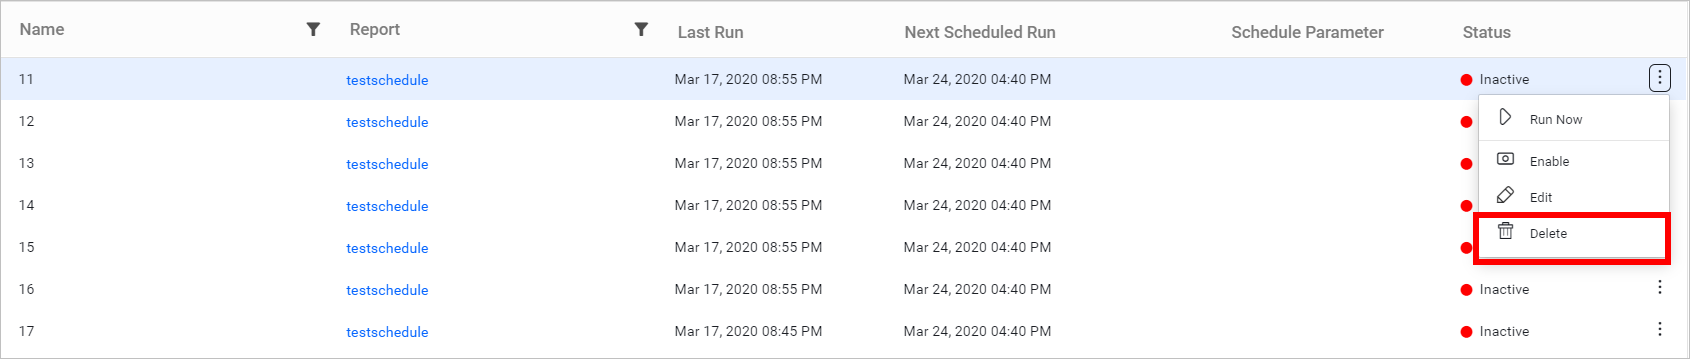 Delete Schedules.